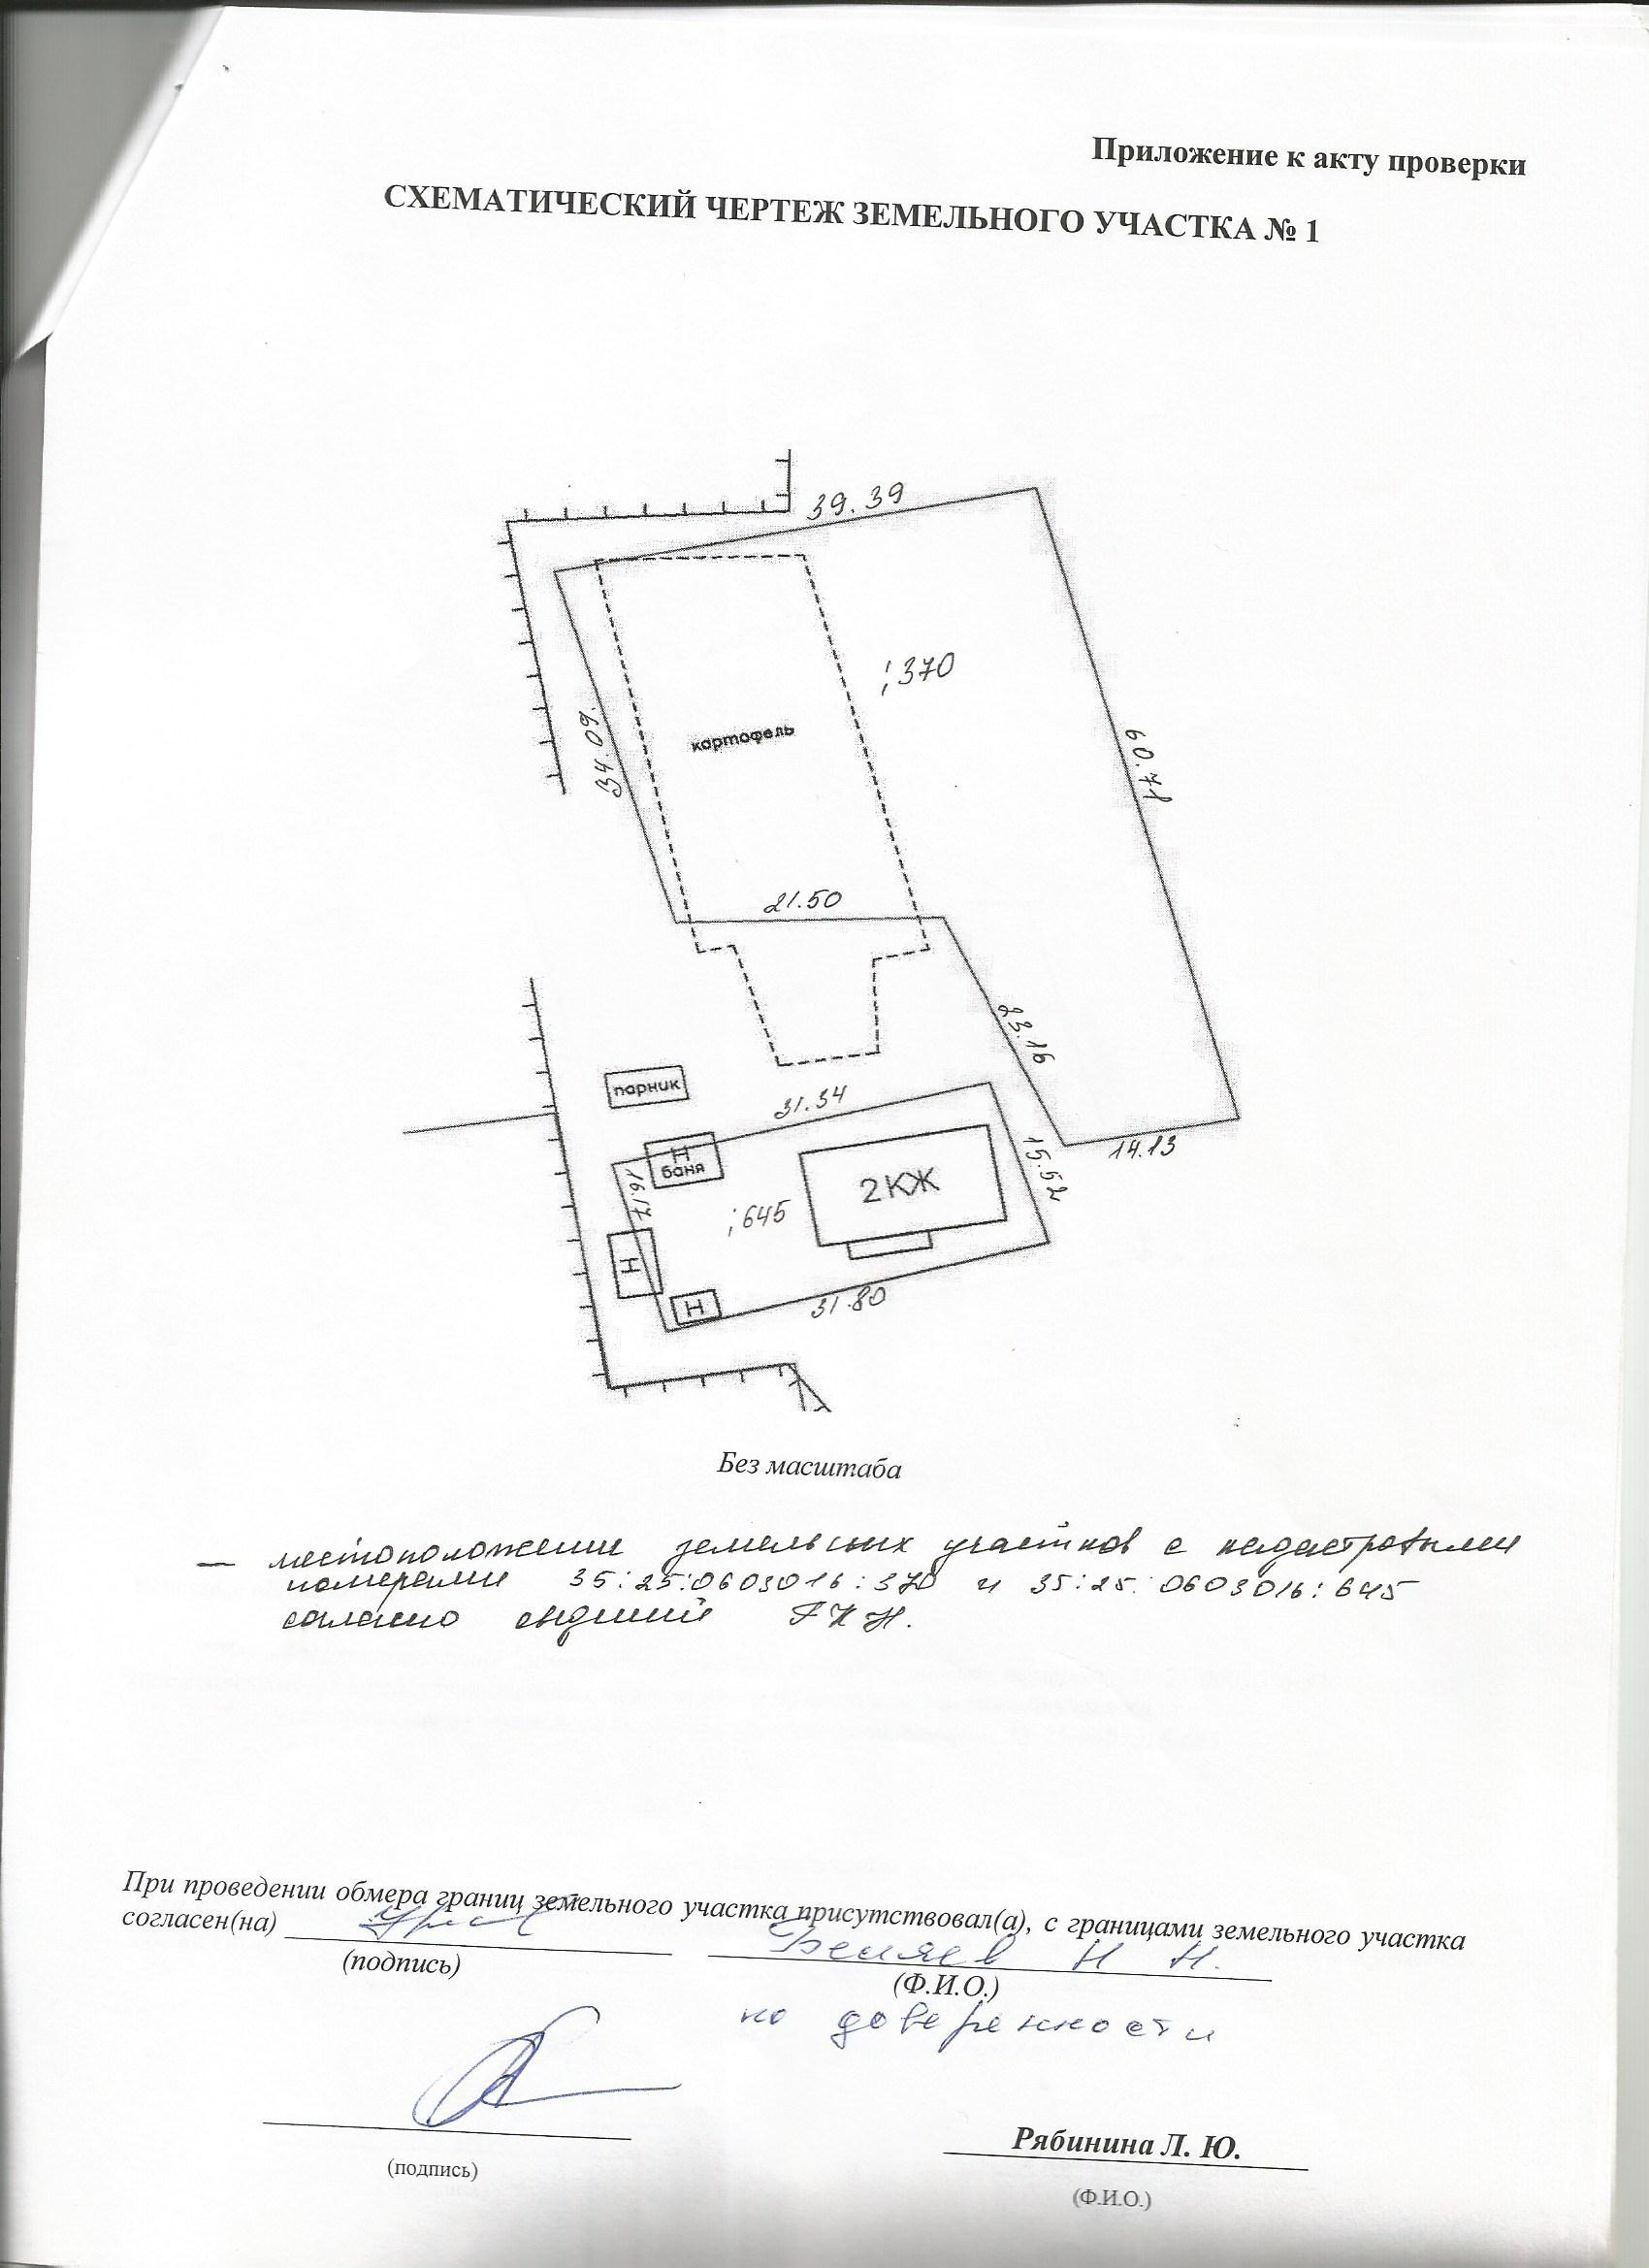 вид участка на кадастровом плане (3)